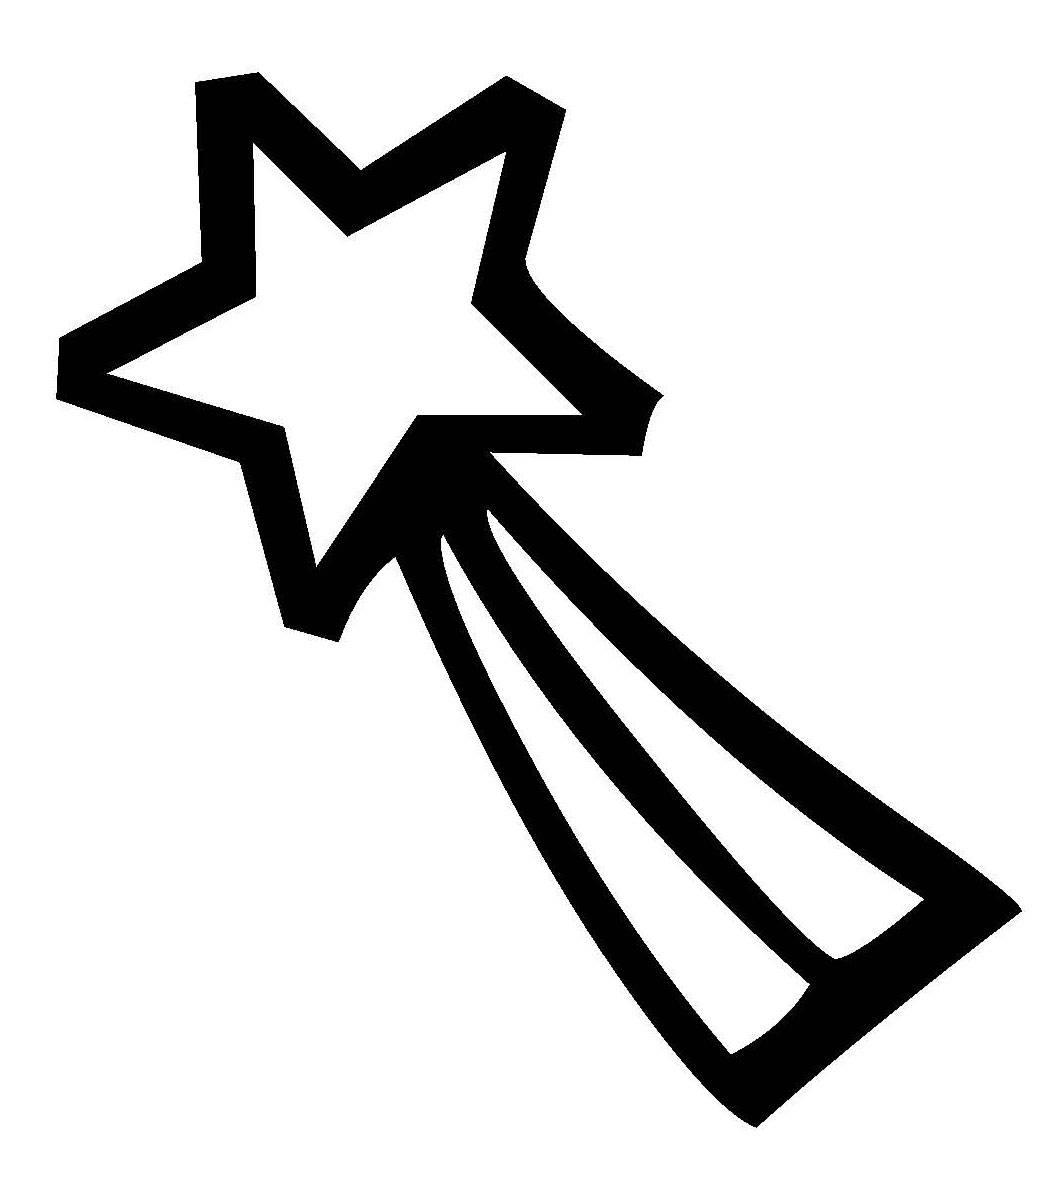 Ausmalbild schneeflocken und sterne stern 2 kostenlos - Ausmalbild stern ...